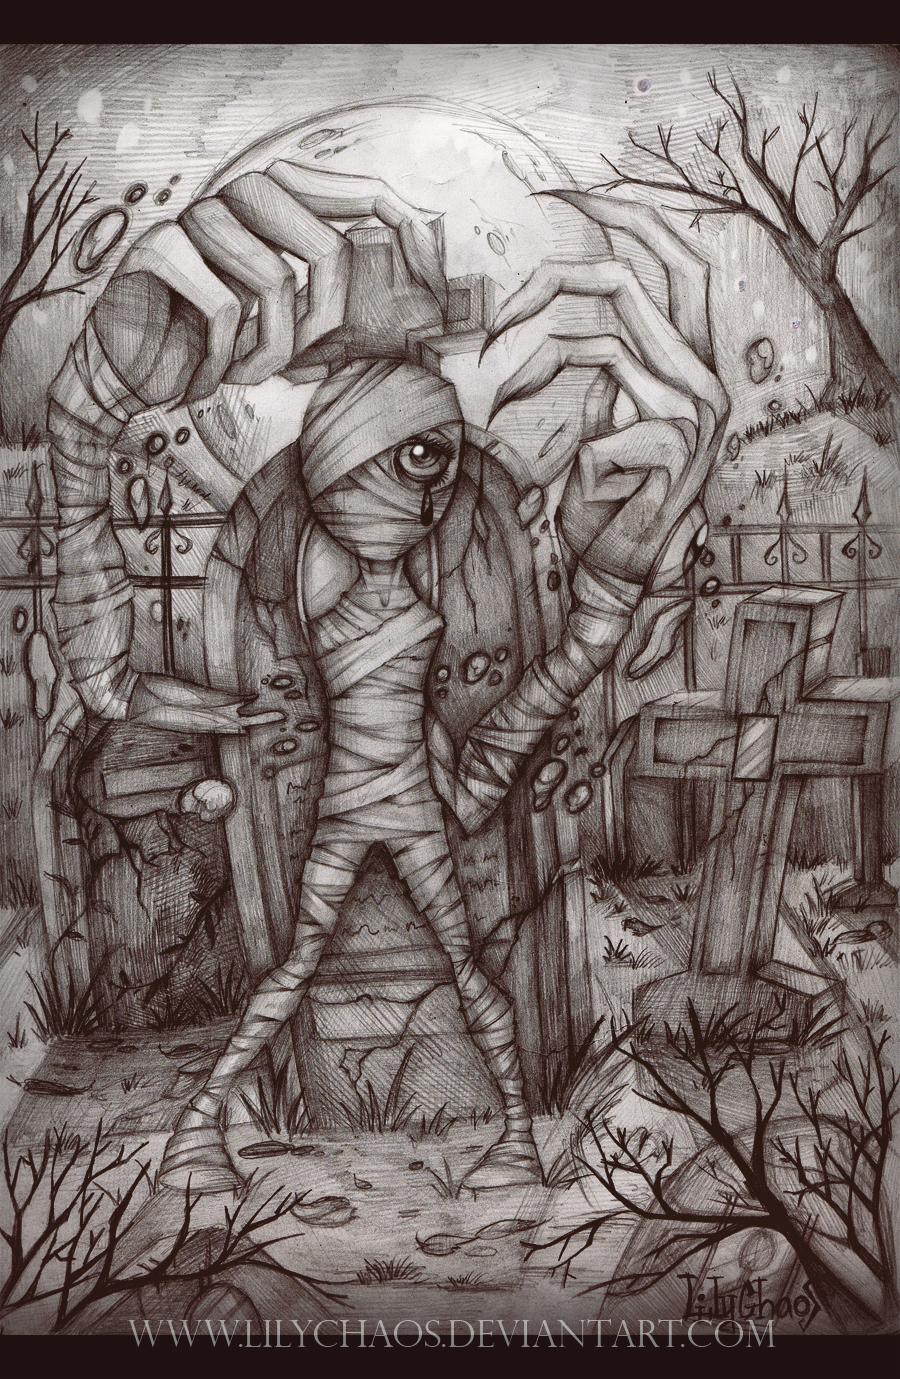 Mummified girl by LilyChaoS